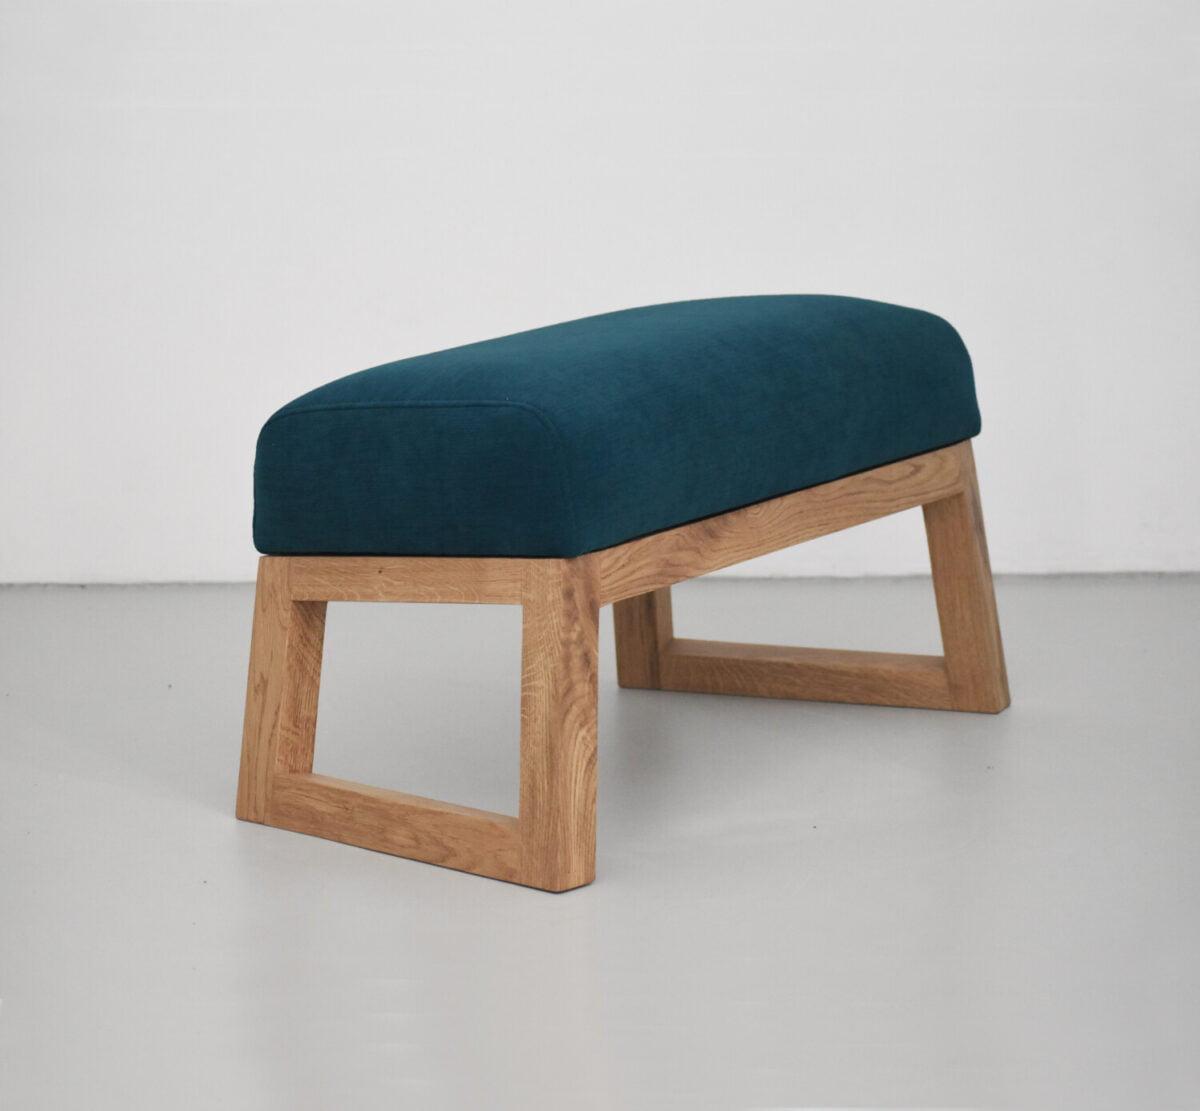 Podnóżek turkusowy do wygodnego fotela uszaka, polski design. Nowoczesny fotel Lord z podnóżkiem